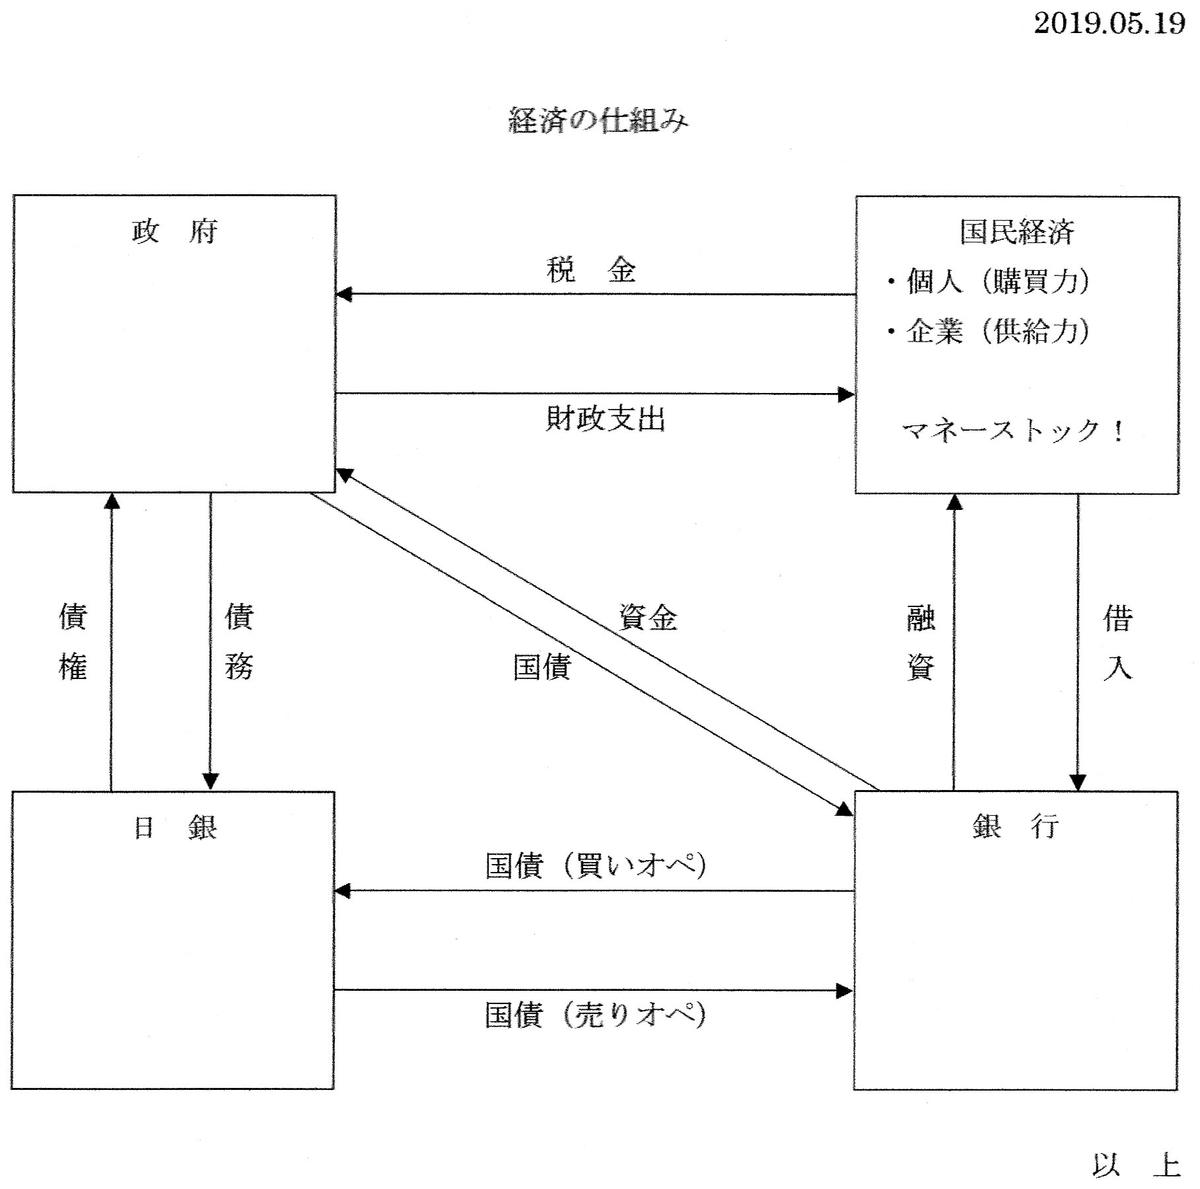 f:id:ySatoshi:20190522185757j:plain